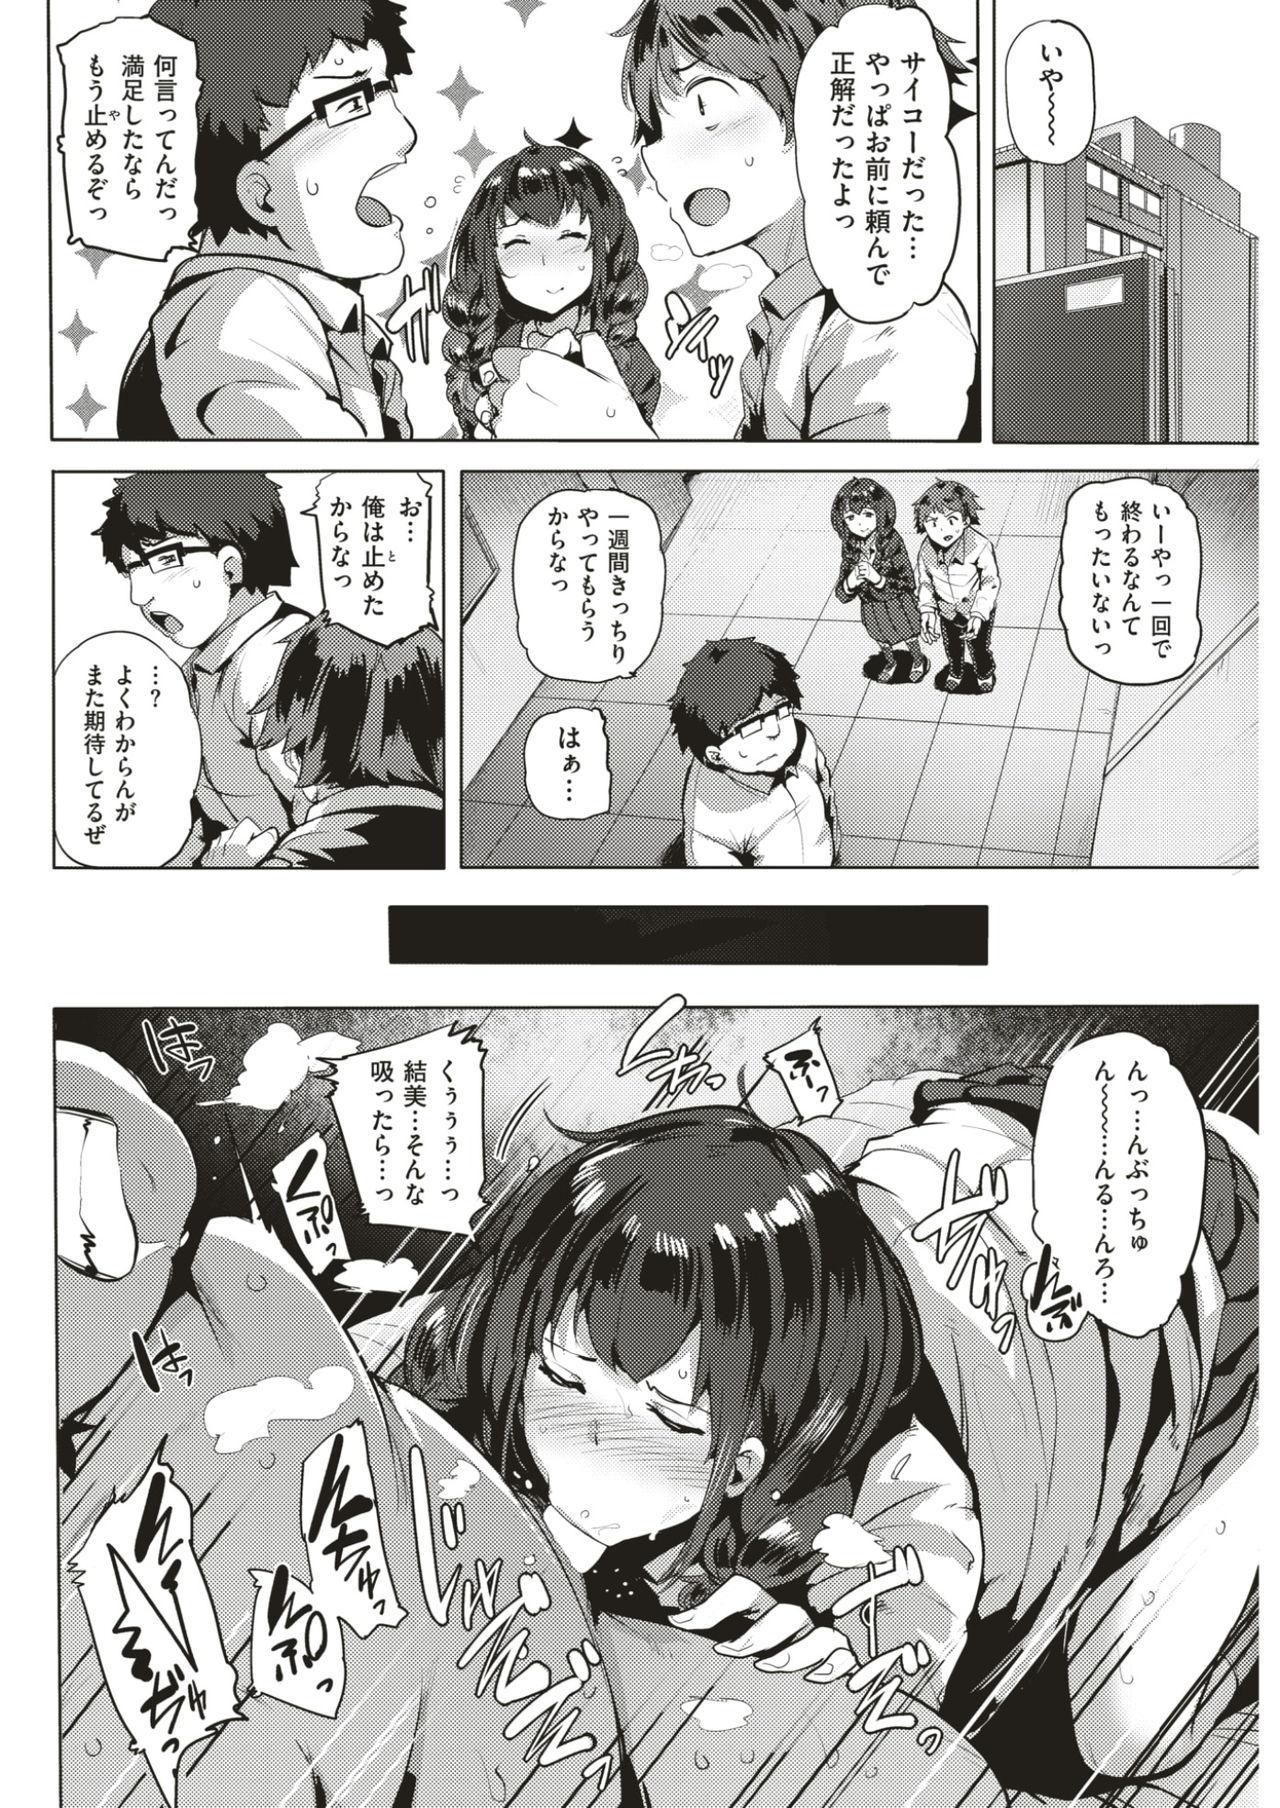 COMIC Kairakuten BEAST 2017-03 230